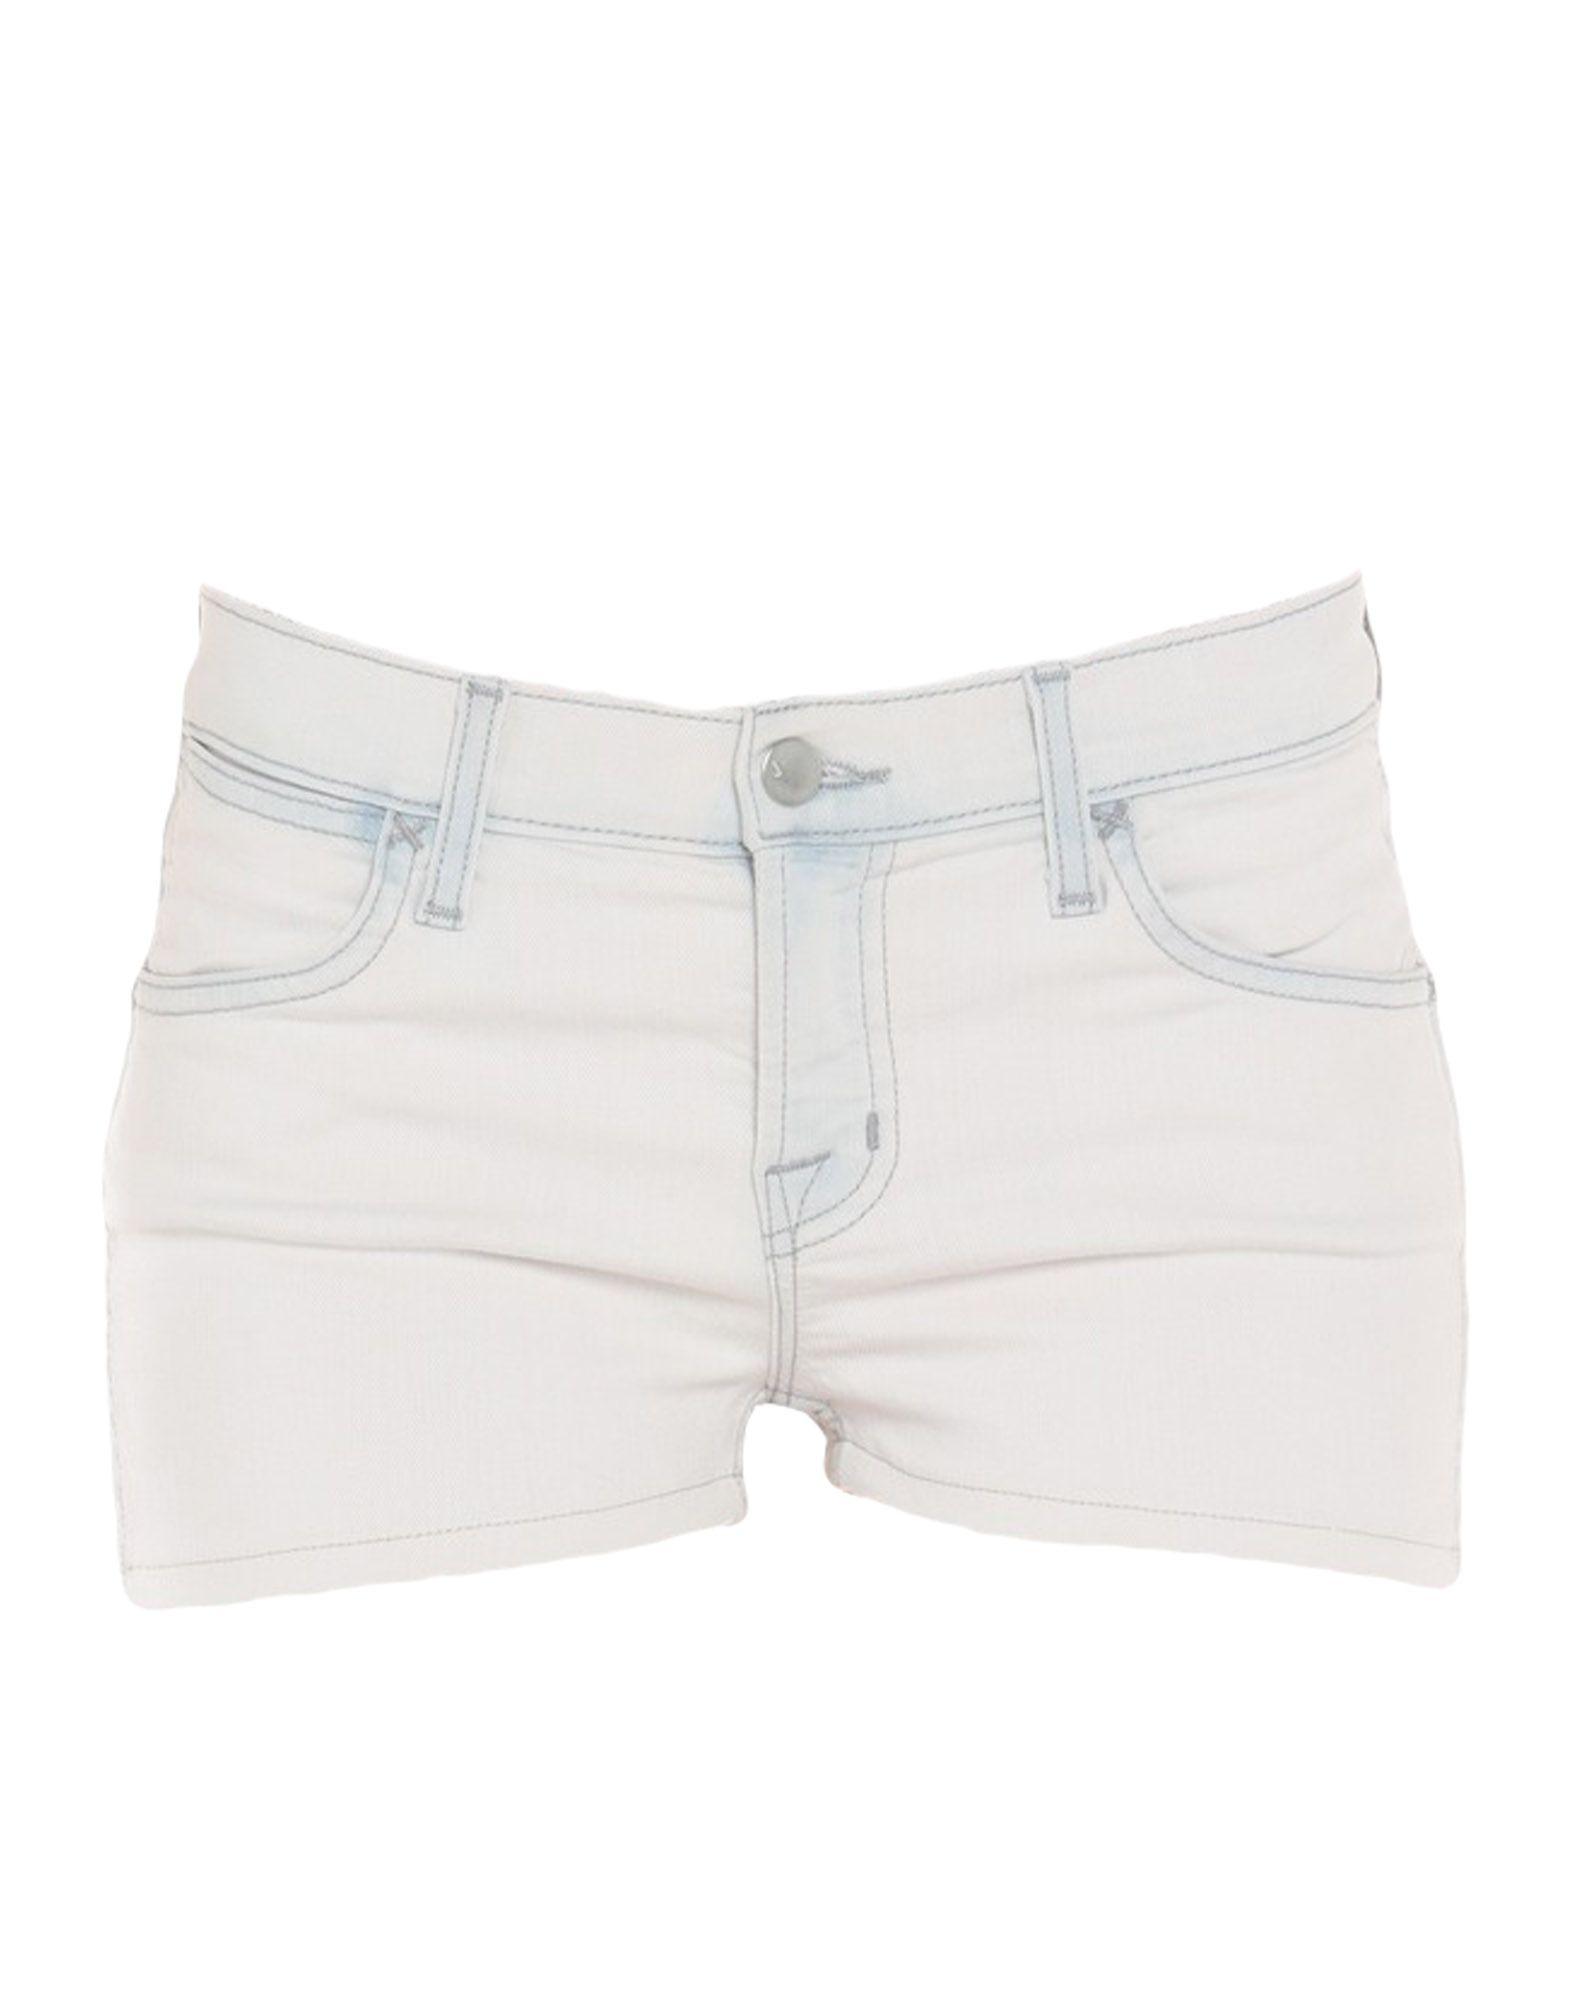 J BRAND Джинсовые шорты шорты джинсовые женские roxy rollyup j dnst dark blue